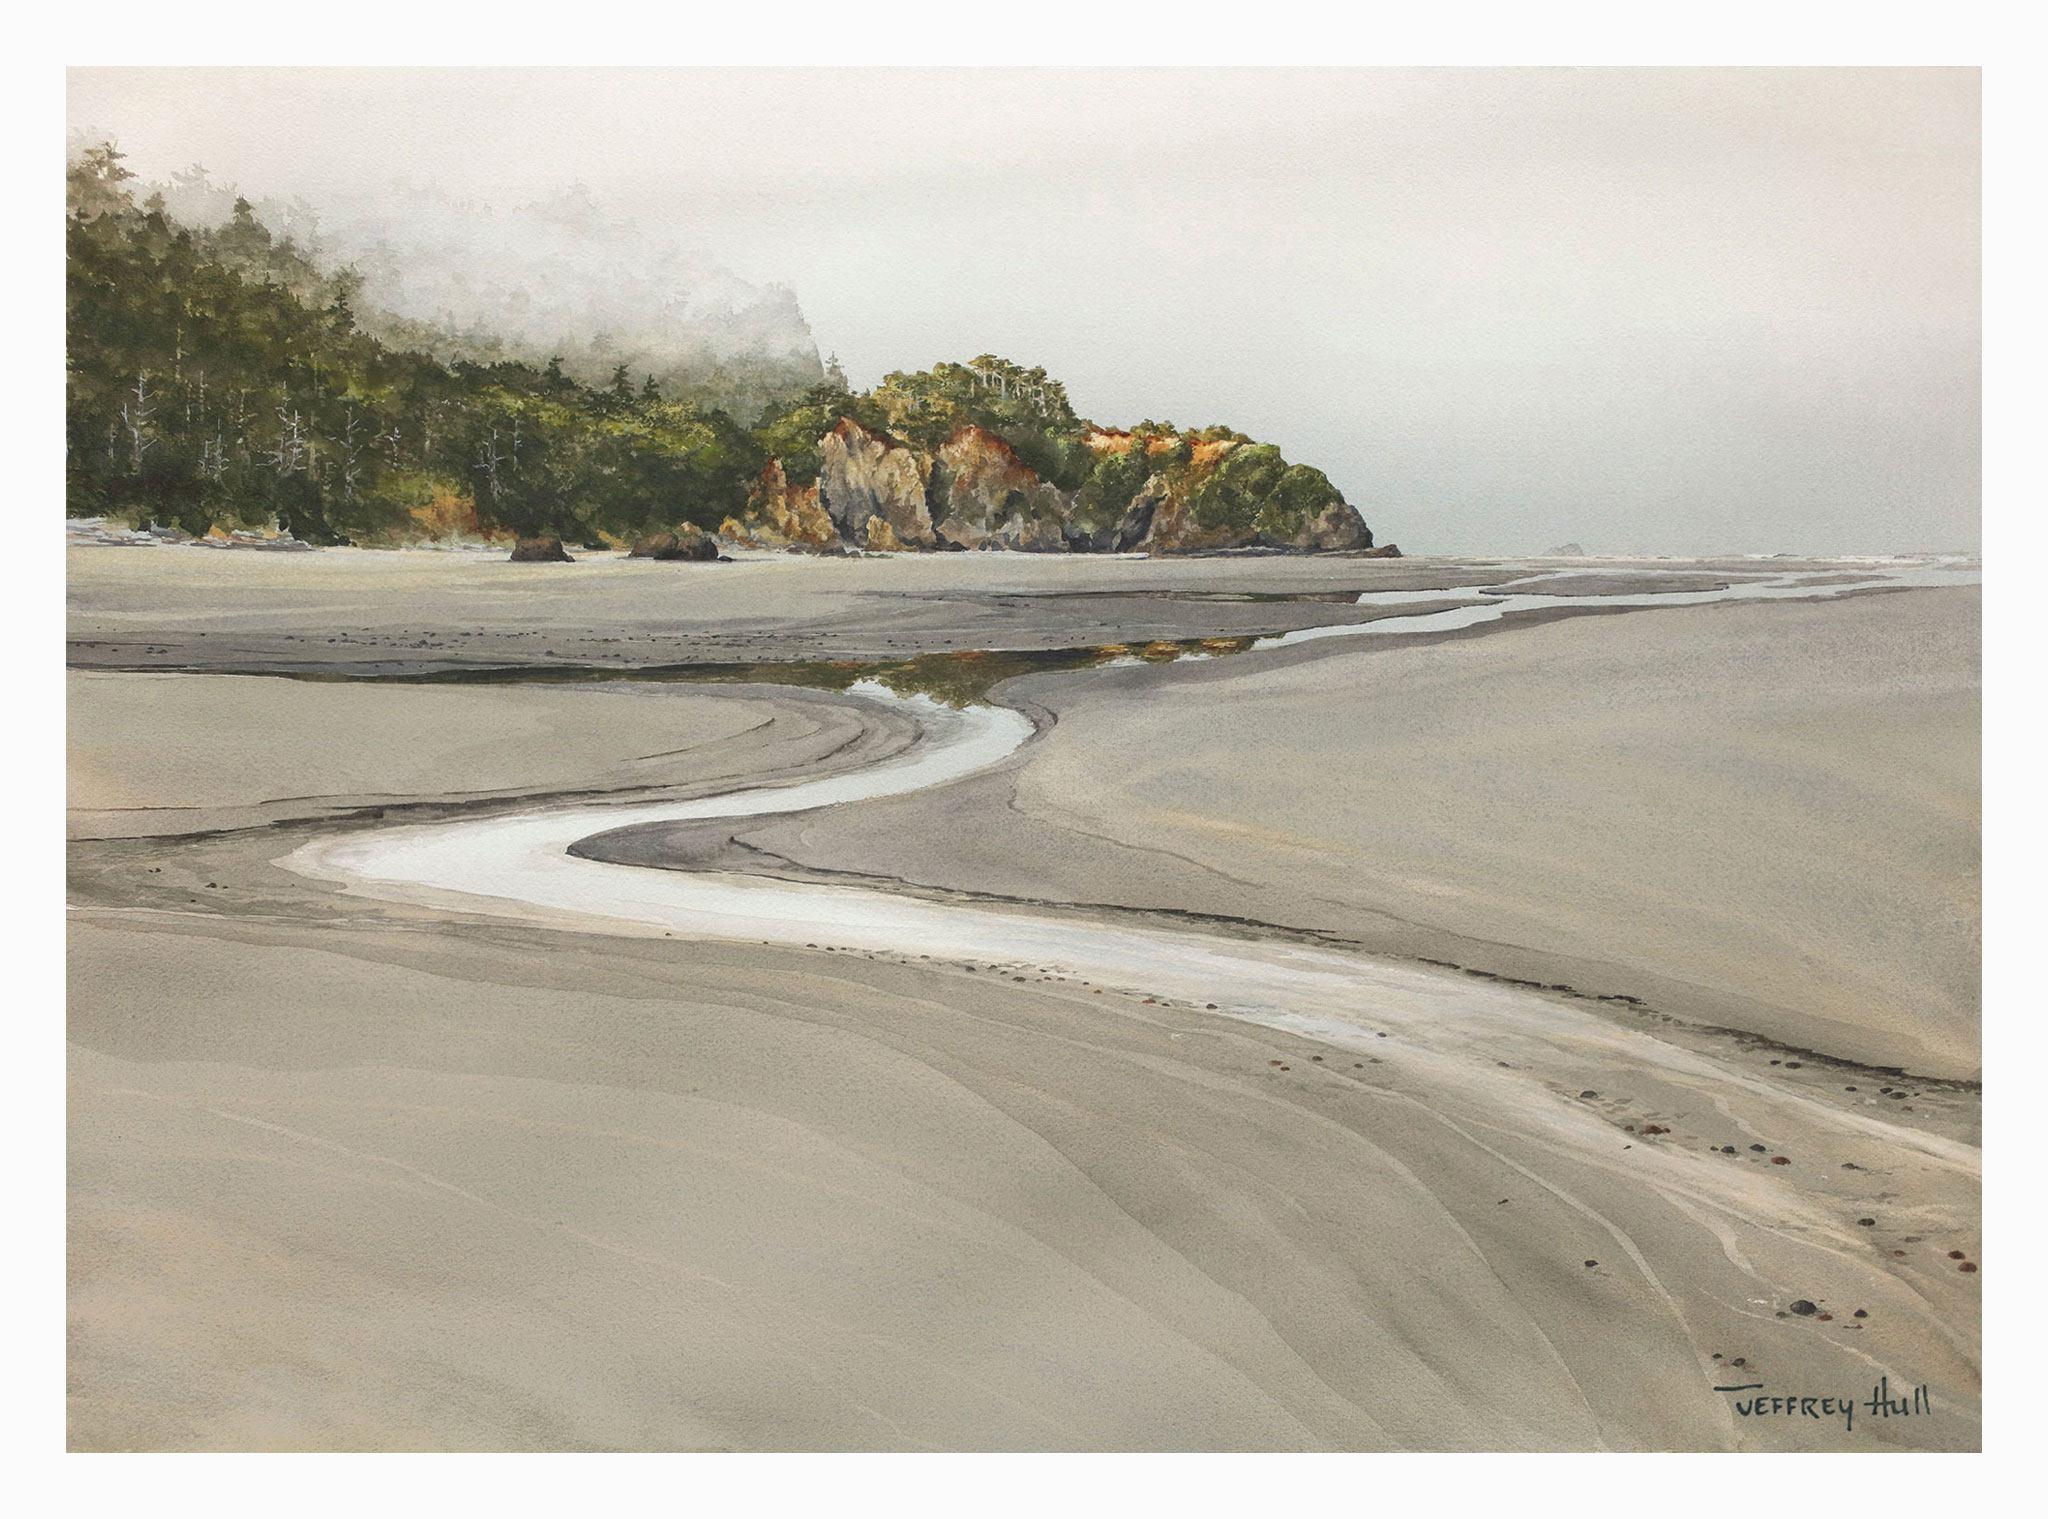 Heading-To-Prayer-Cove-LimEd-Unframed-4-Website-2021